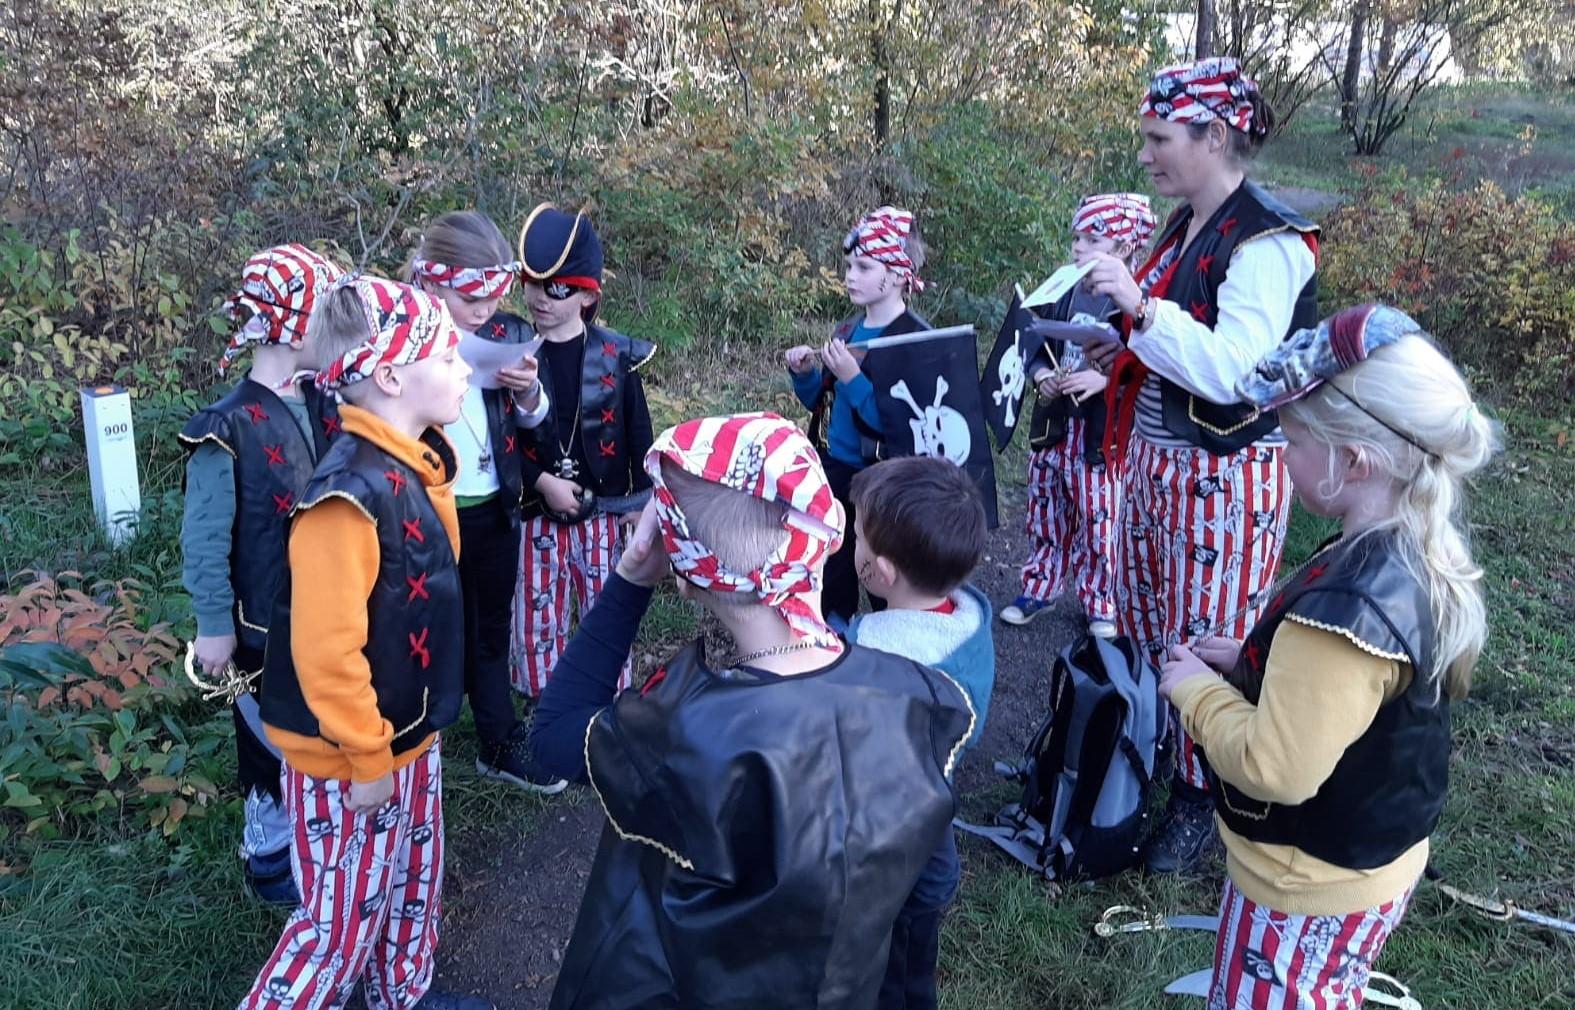 Piratenfeestje kinderen en volwassenen in piratenkleding van themakist